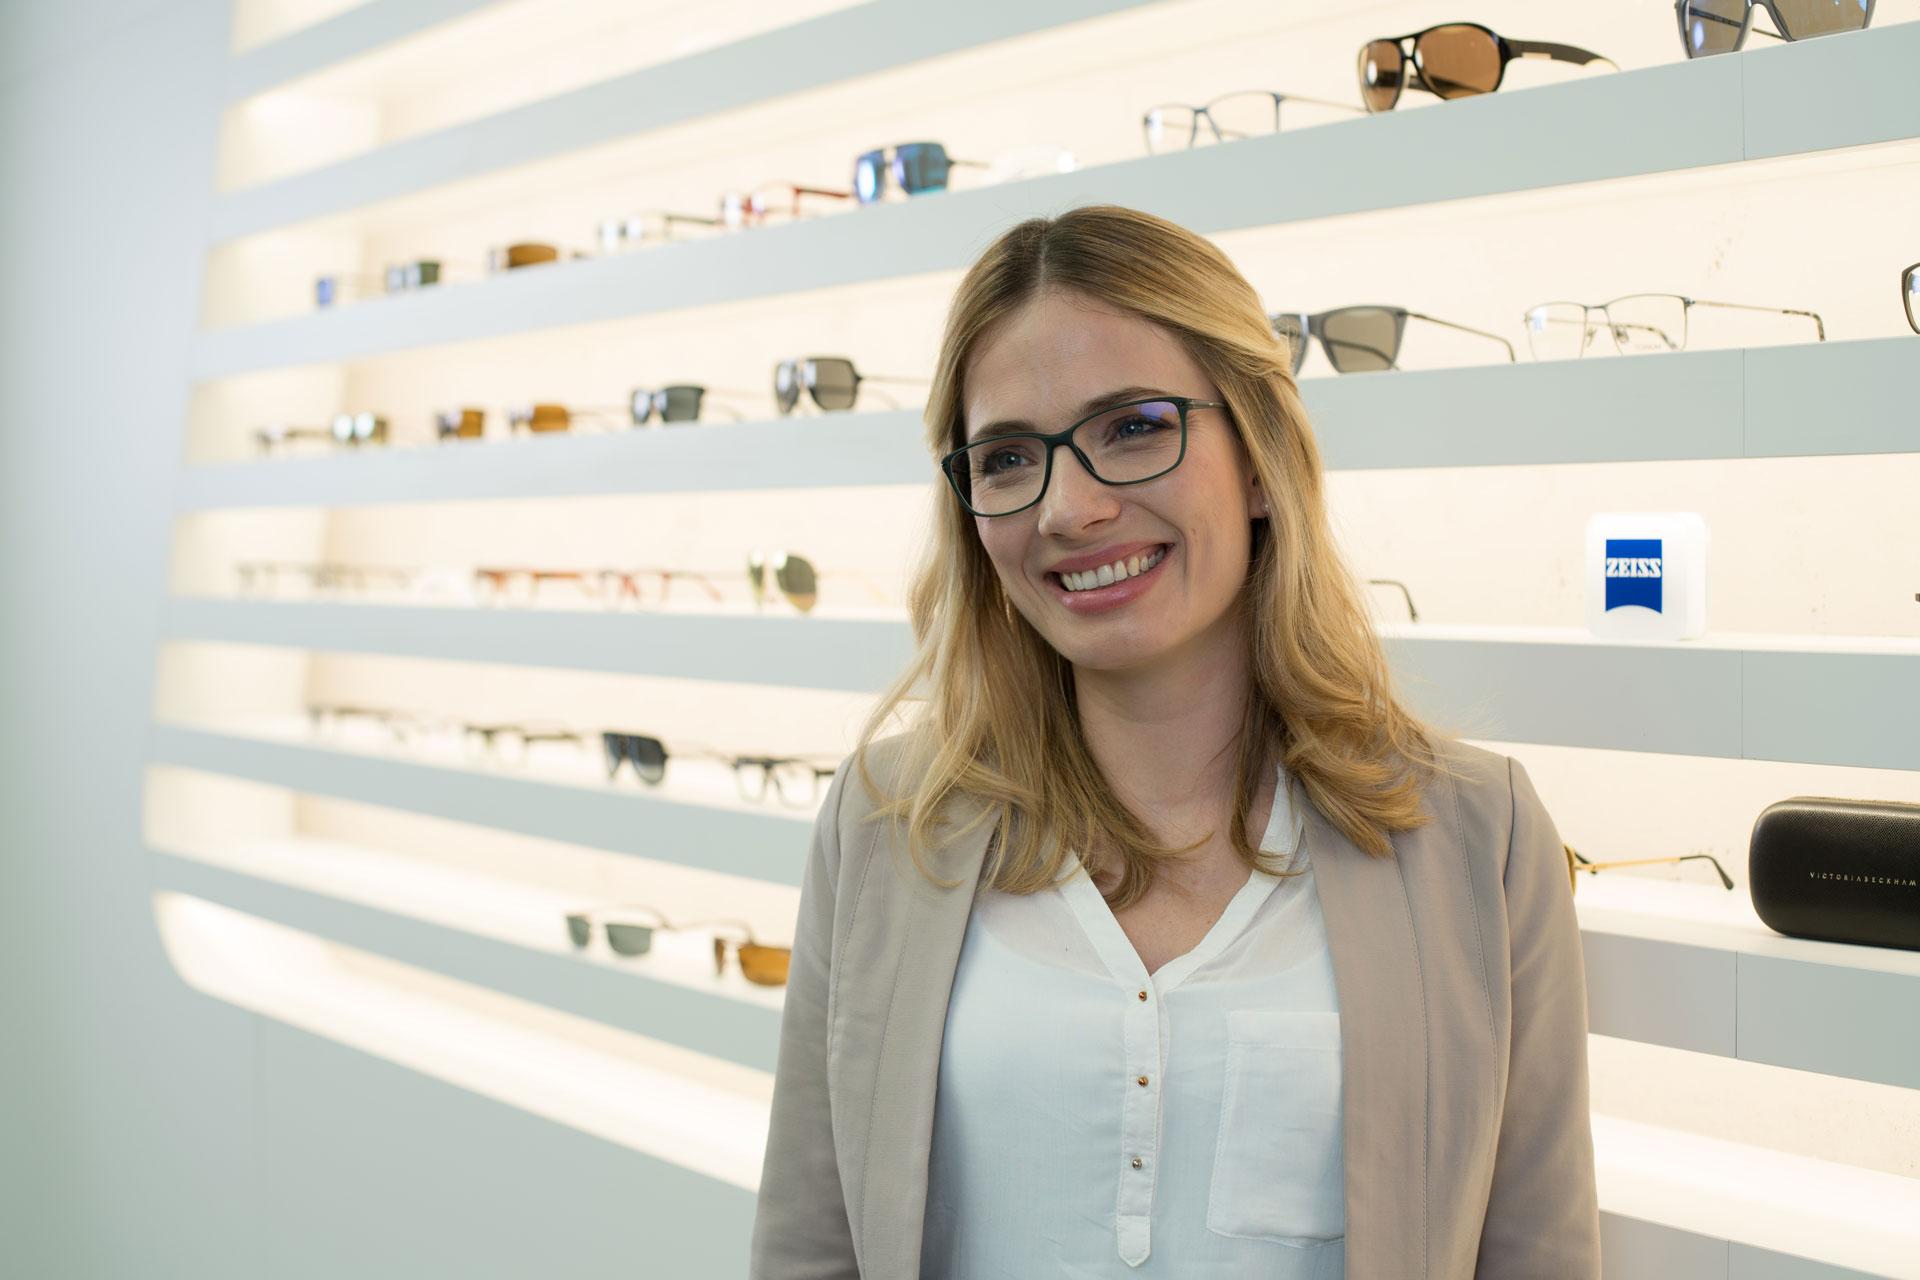 b7e726018b Consejos para comprar gafas: cómo elegir las más adecuadas